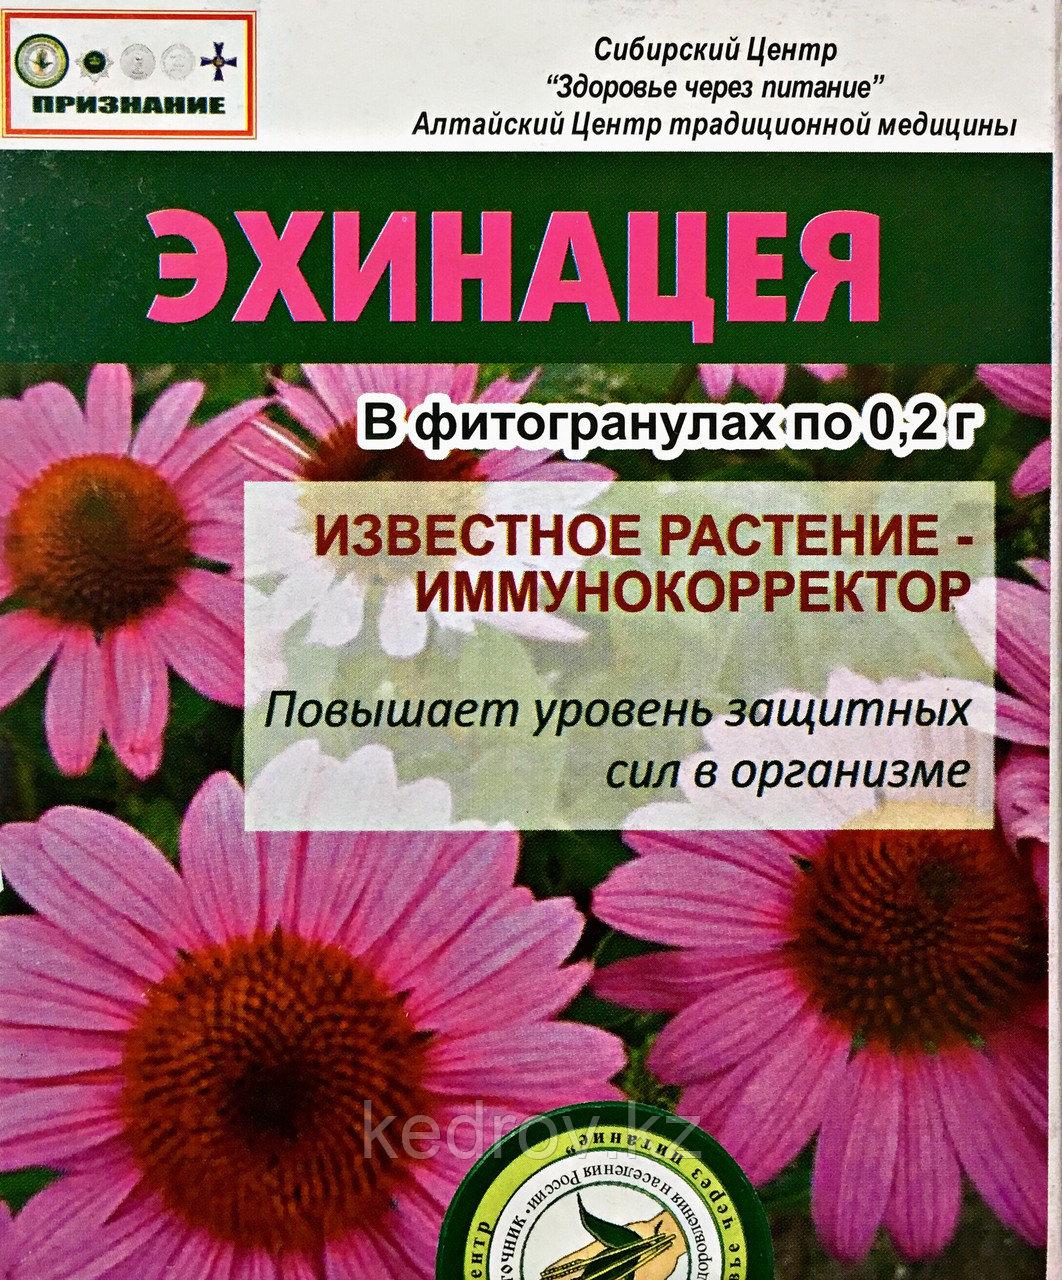 Фитогранулы Эхинацея, 50г